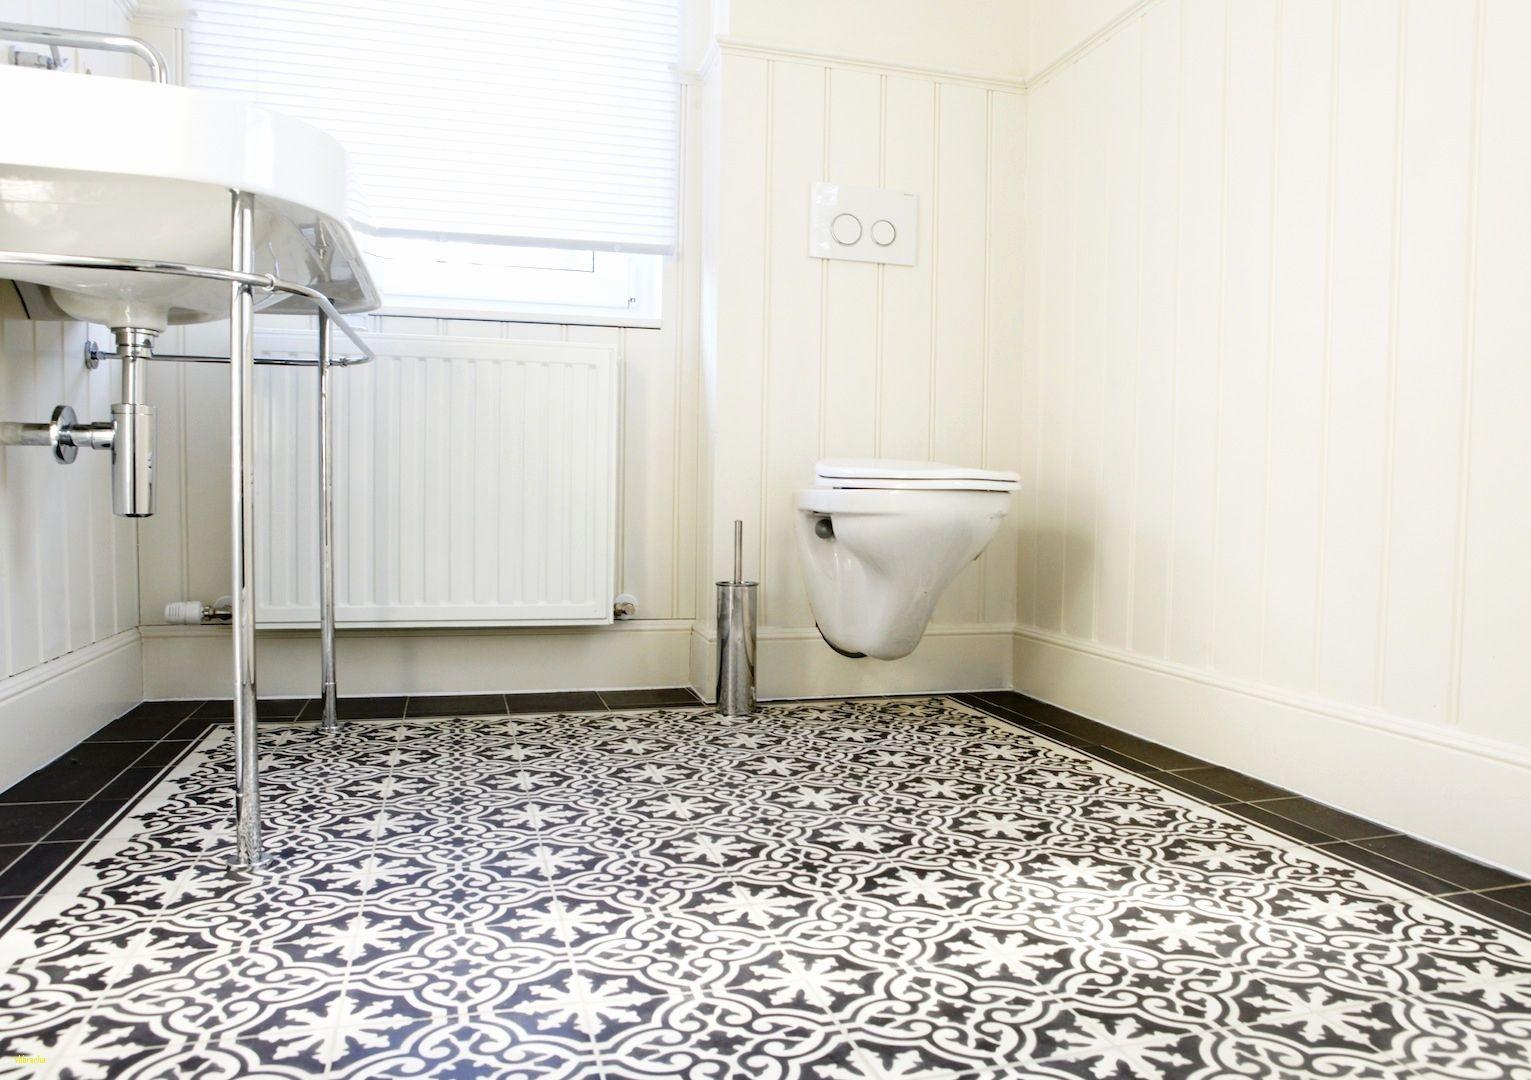 Super lovely badkamer ideeen met goedkope vinyl tegels